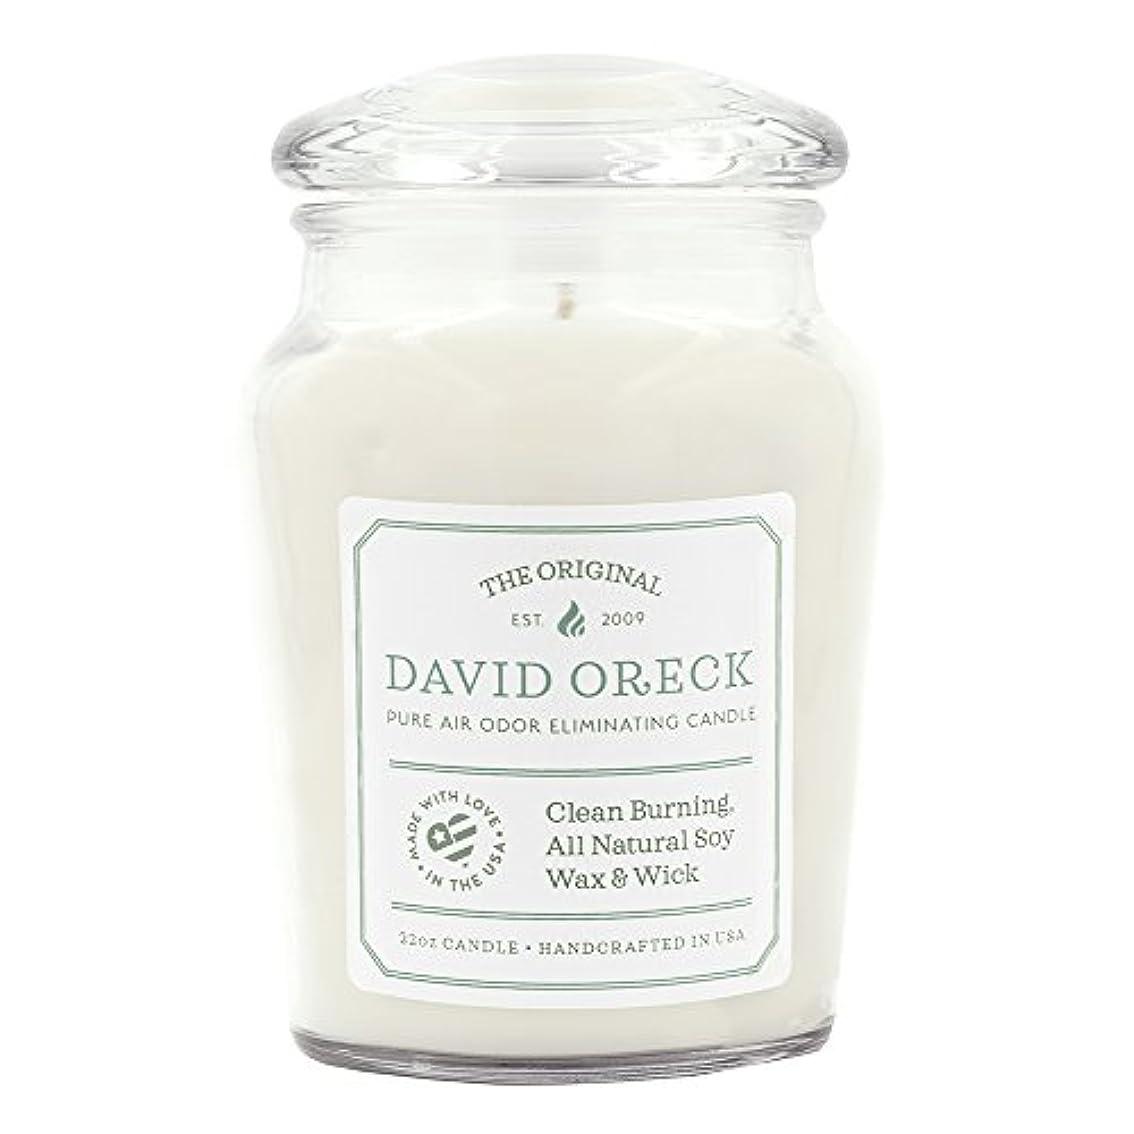 くるみ写真ナチュラル22oz元Clean Burning Odor Eliminating Candle、120時間燃焼時間、クリーミーバニラ